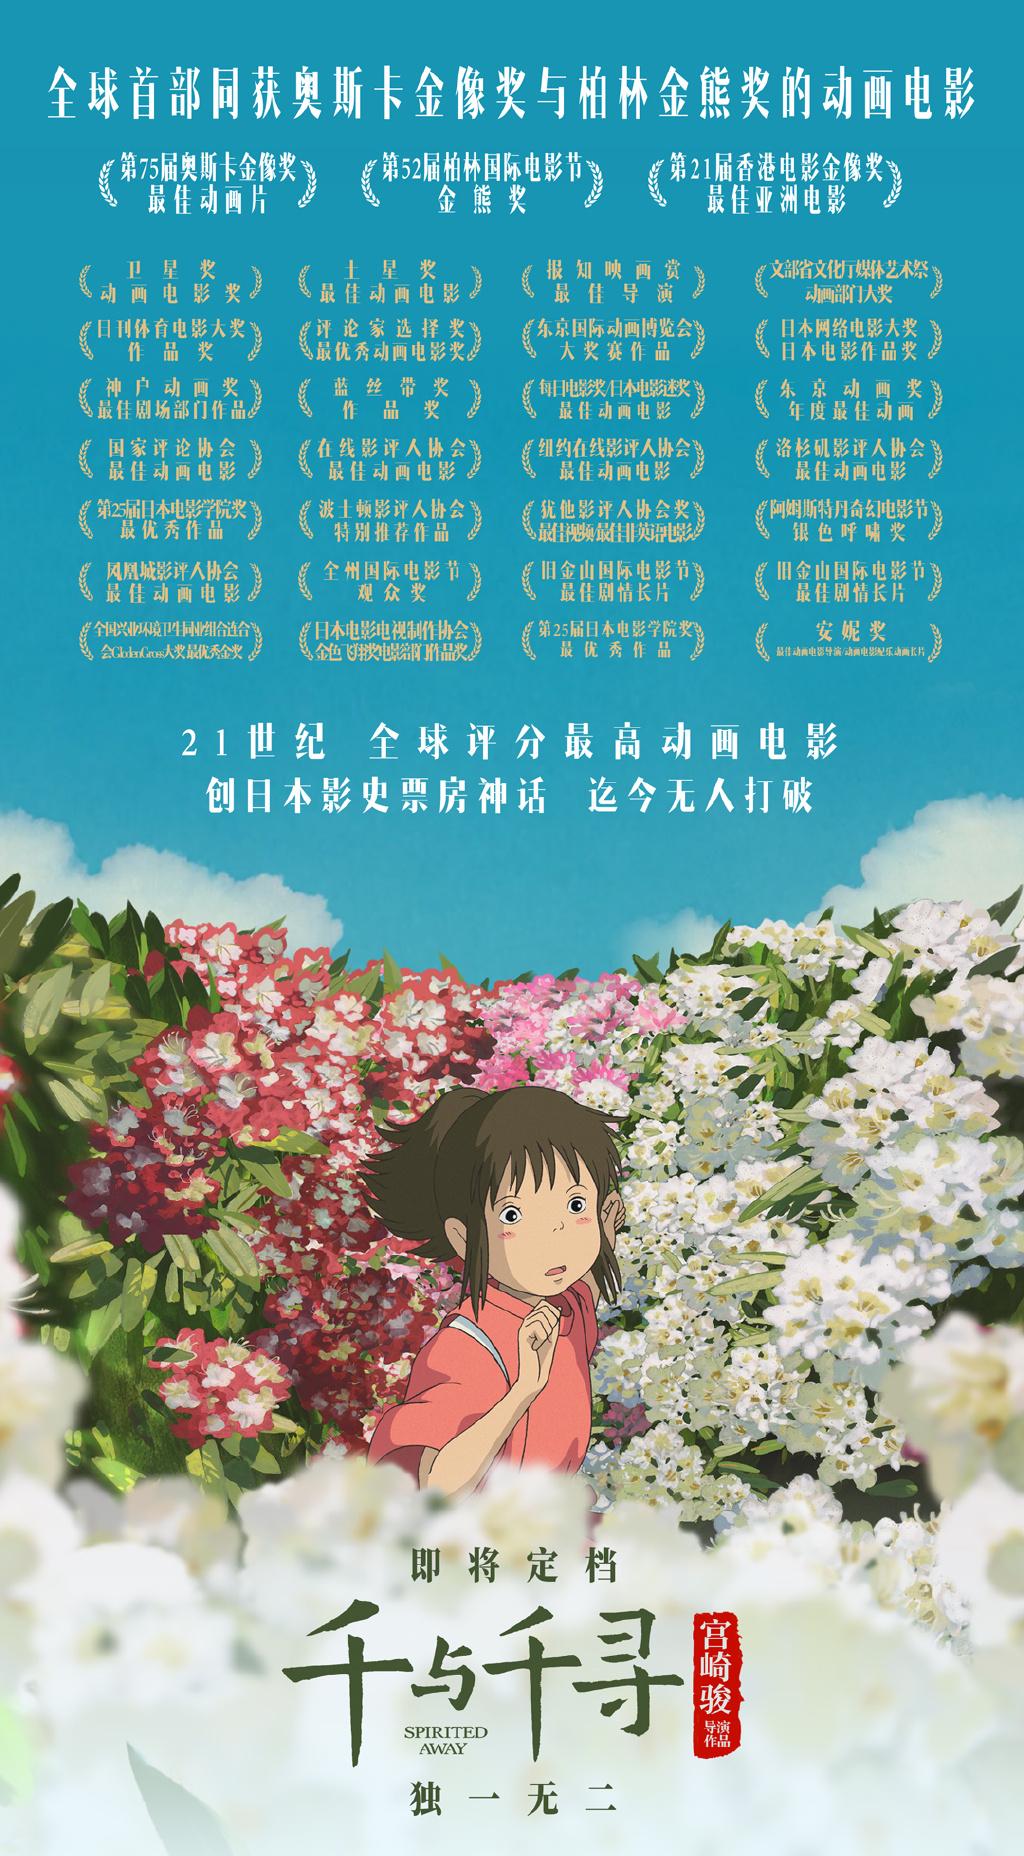 《千与千寻》发布中文预告海报 电影即将定档